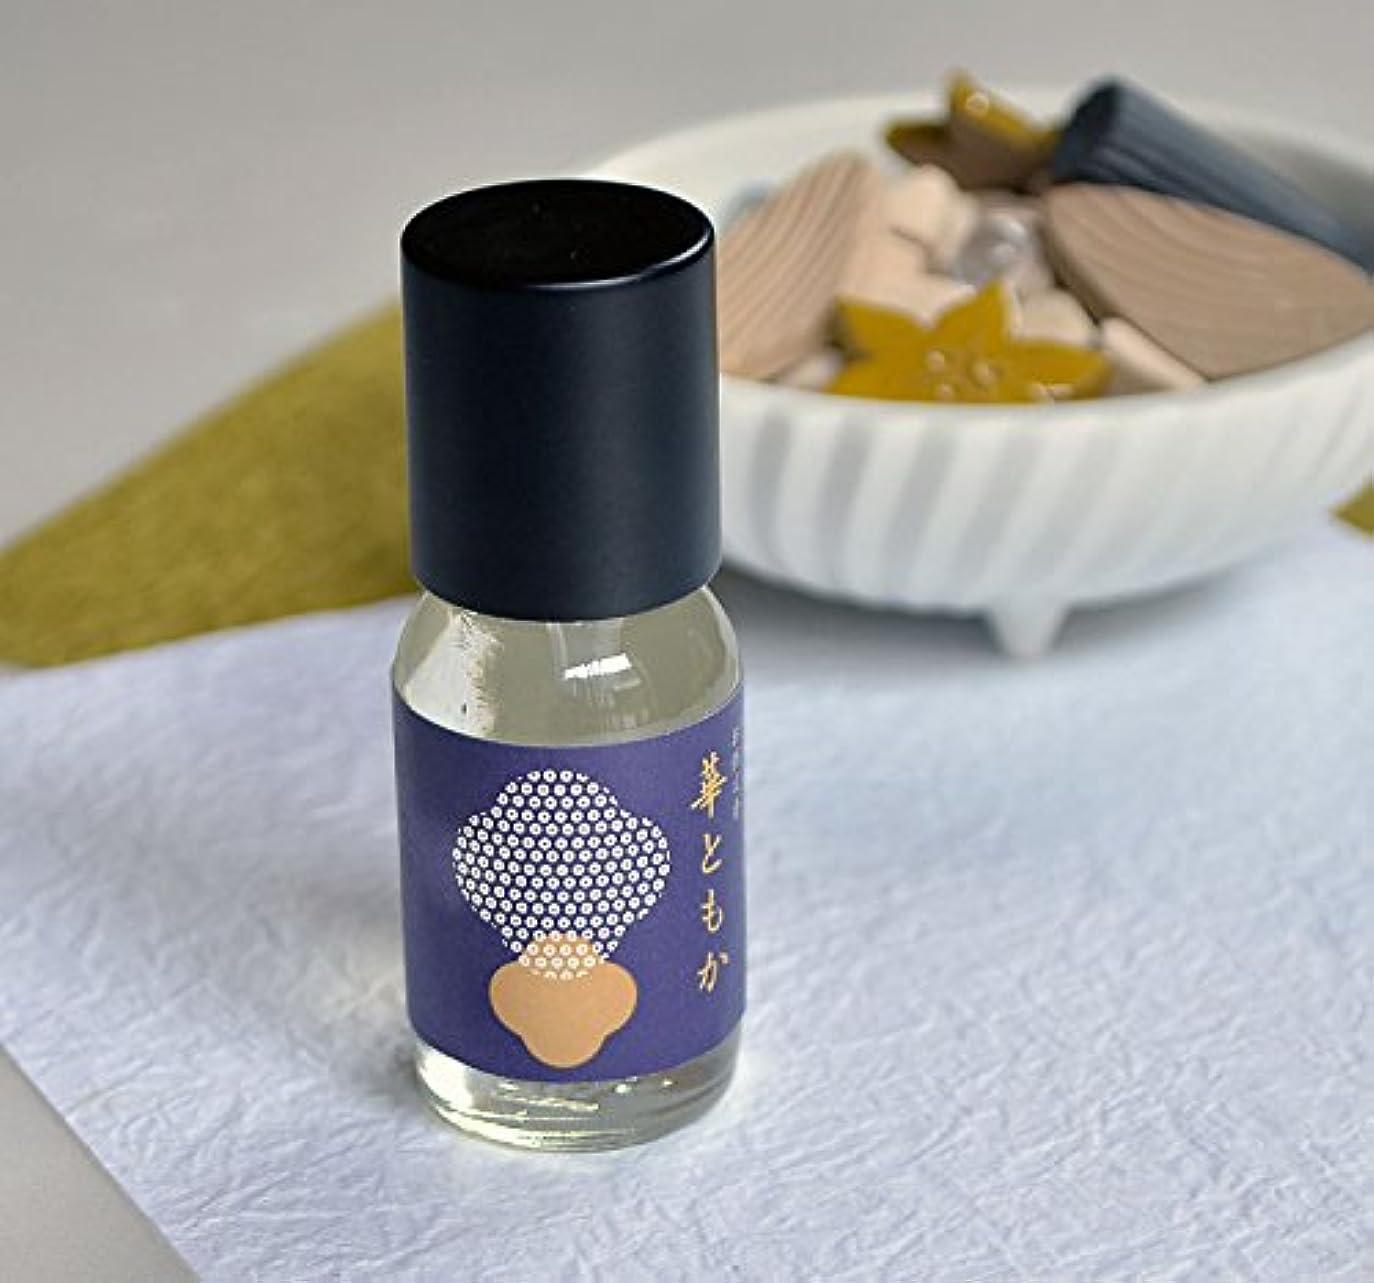 船尾ミント安西お供え香 華ともか 補充用香料 白檀の香り